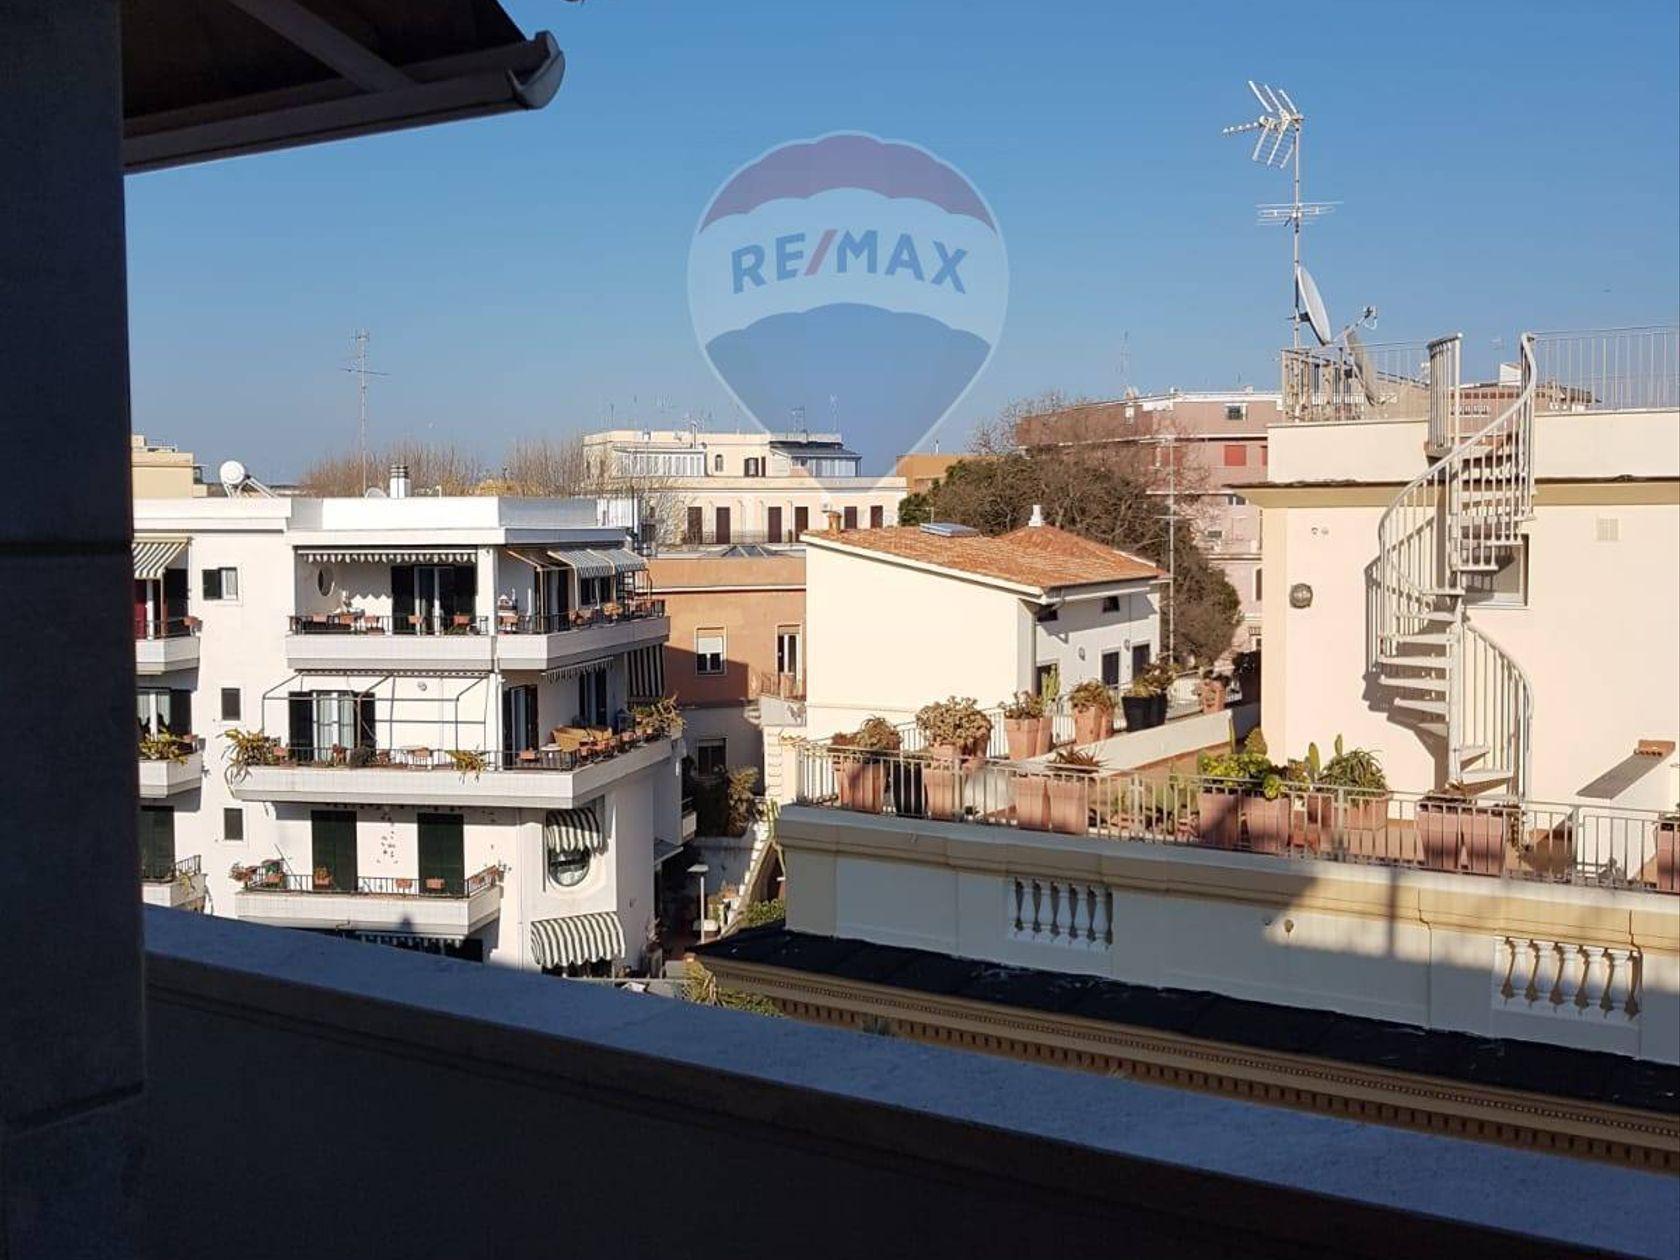 Attico/Mansarda Anzio-centro, Anzio, RM Vendita - Foto 13